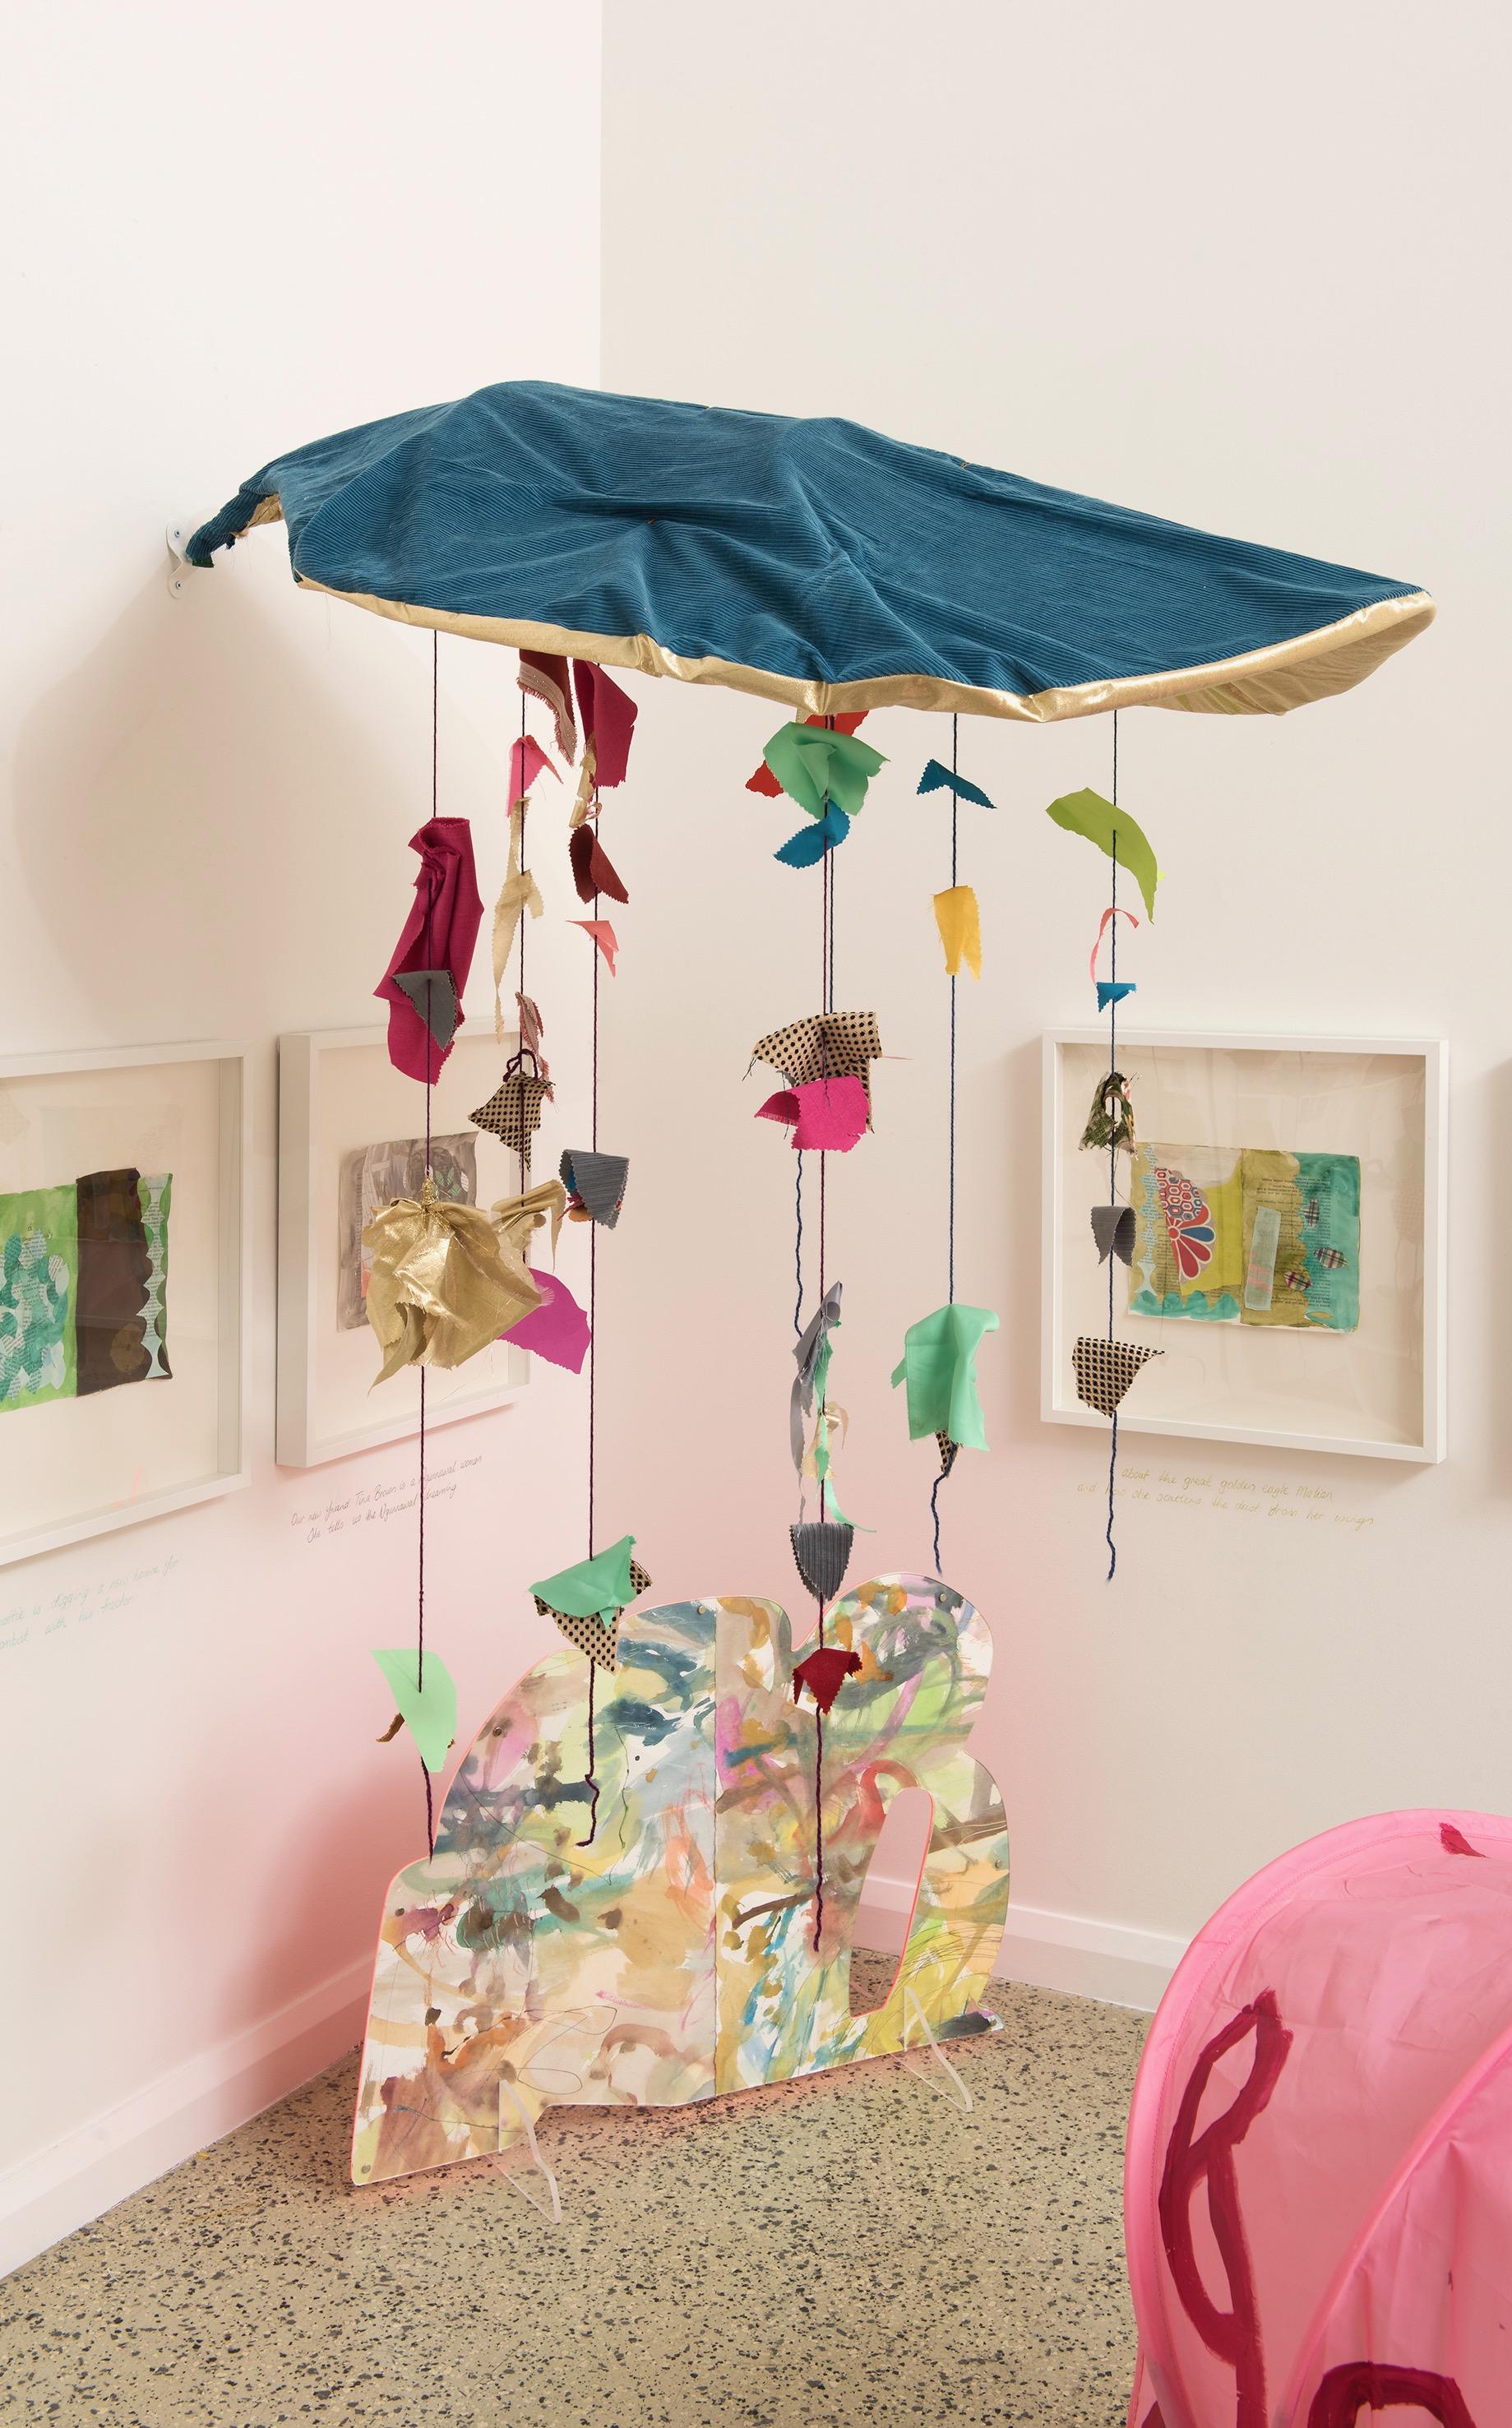 Lanyon Leaf 1, 2018